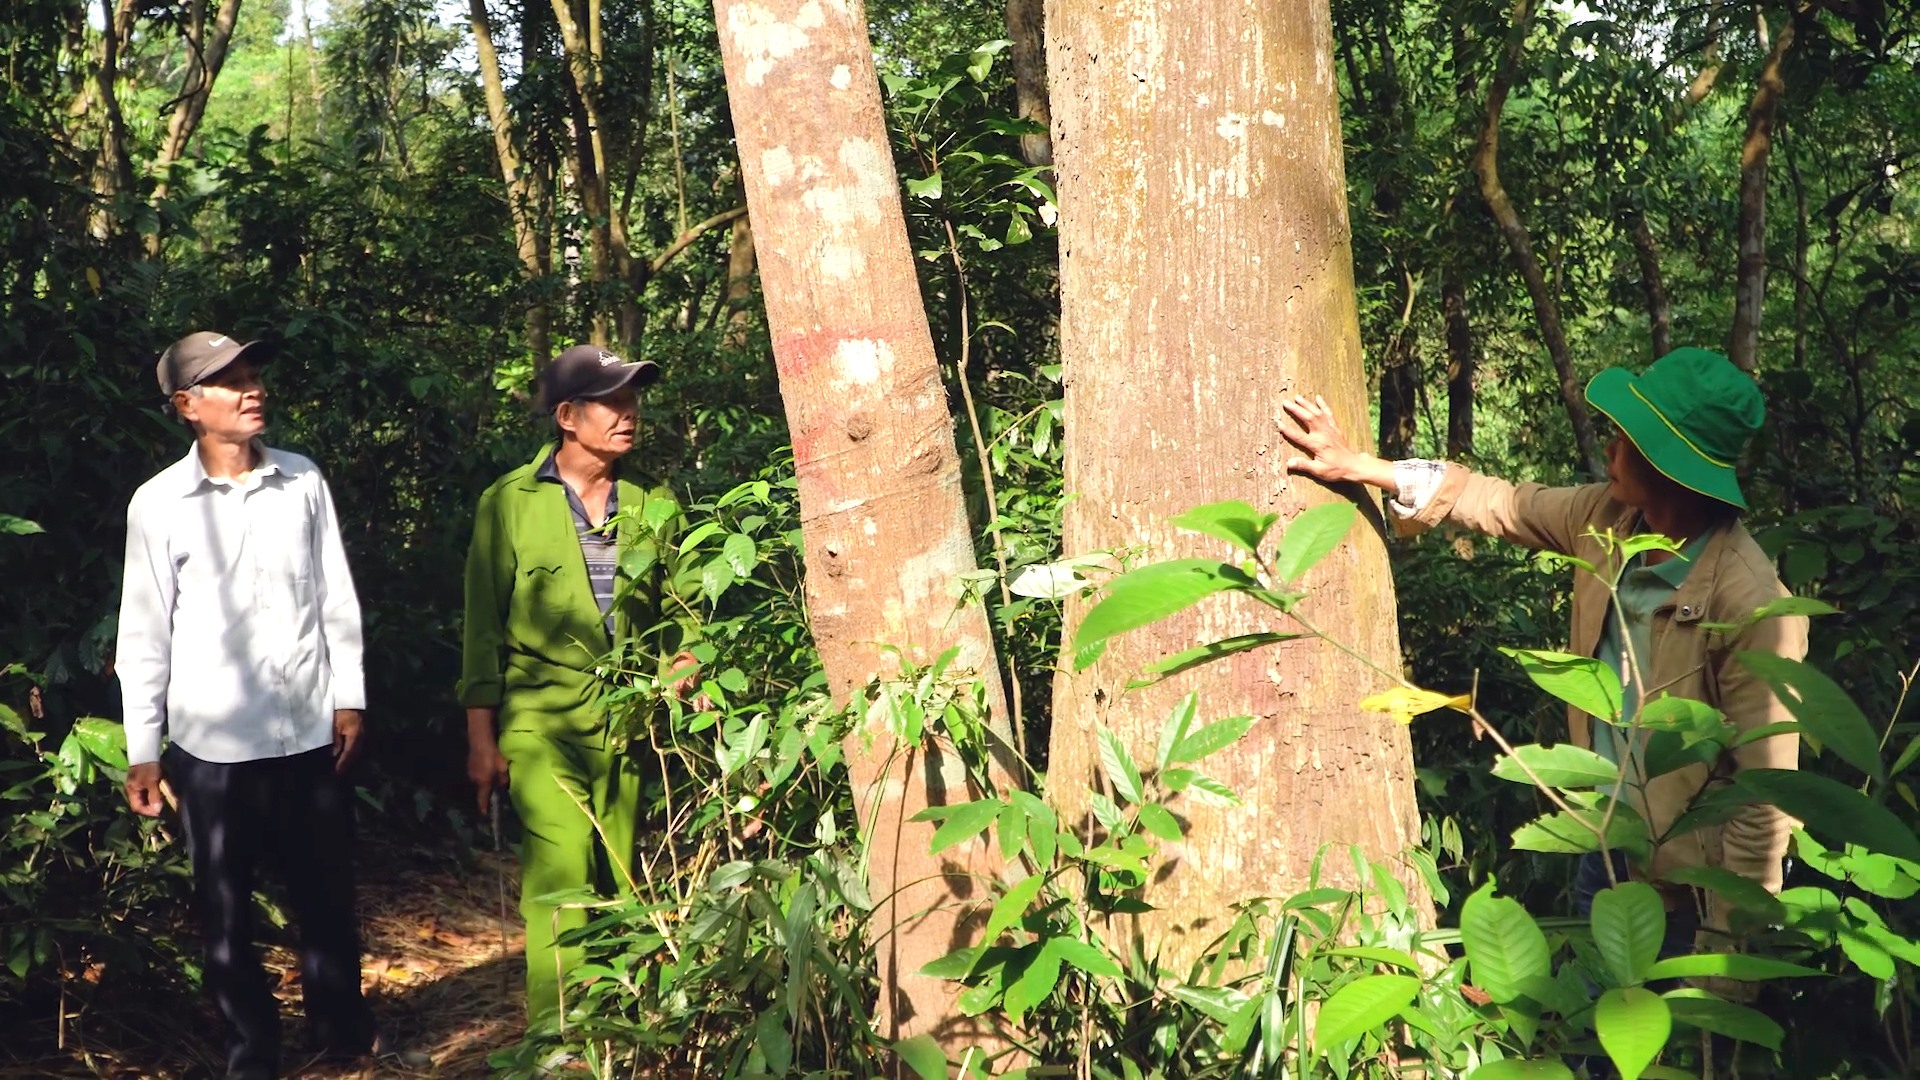 Trong rừng Cấm (Đại Bình, Quế Trung, Nông Sơn) còn nhiều cây huỳnh đàn cổ thụ, thân to hơn vòng tay người ôm. Ảnh: LÊ THÔNG